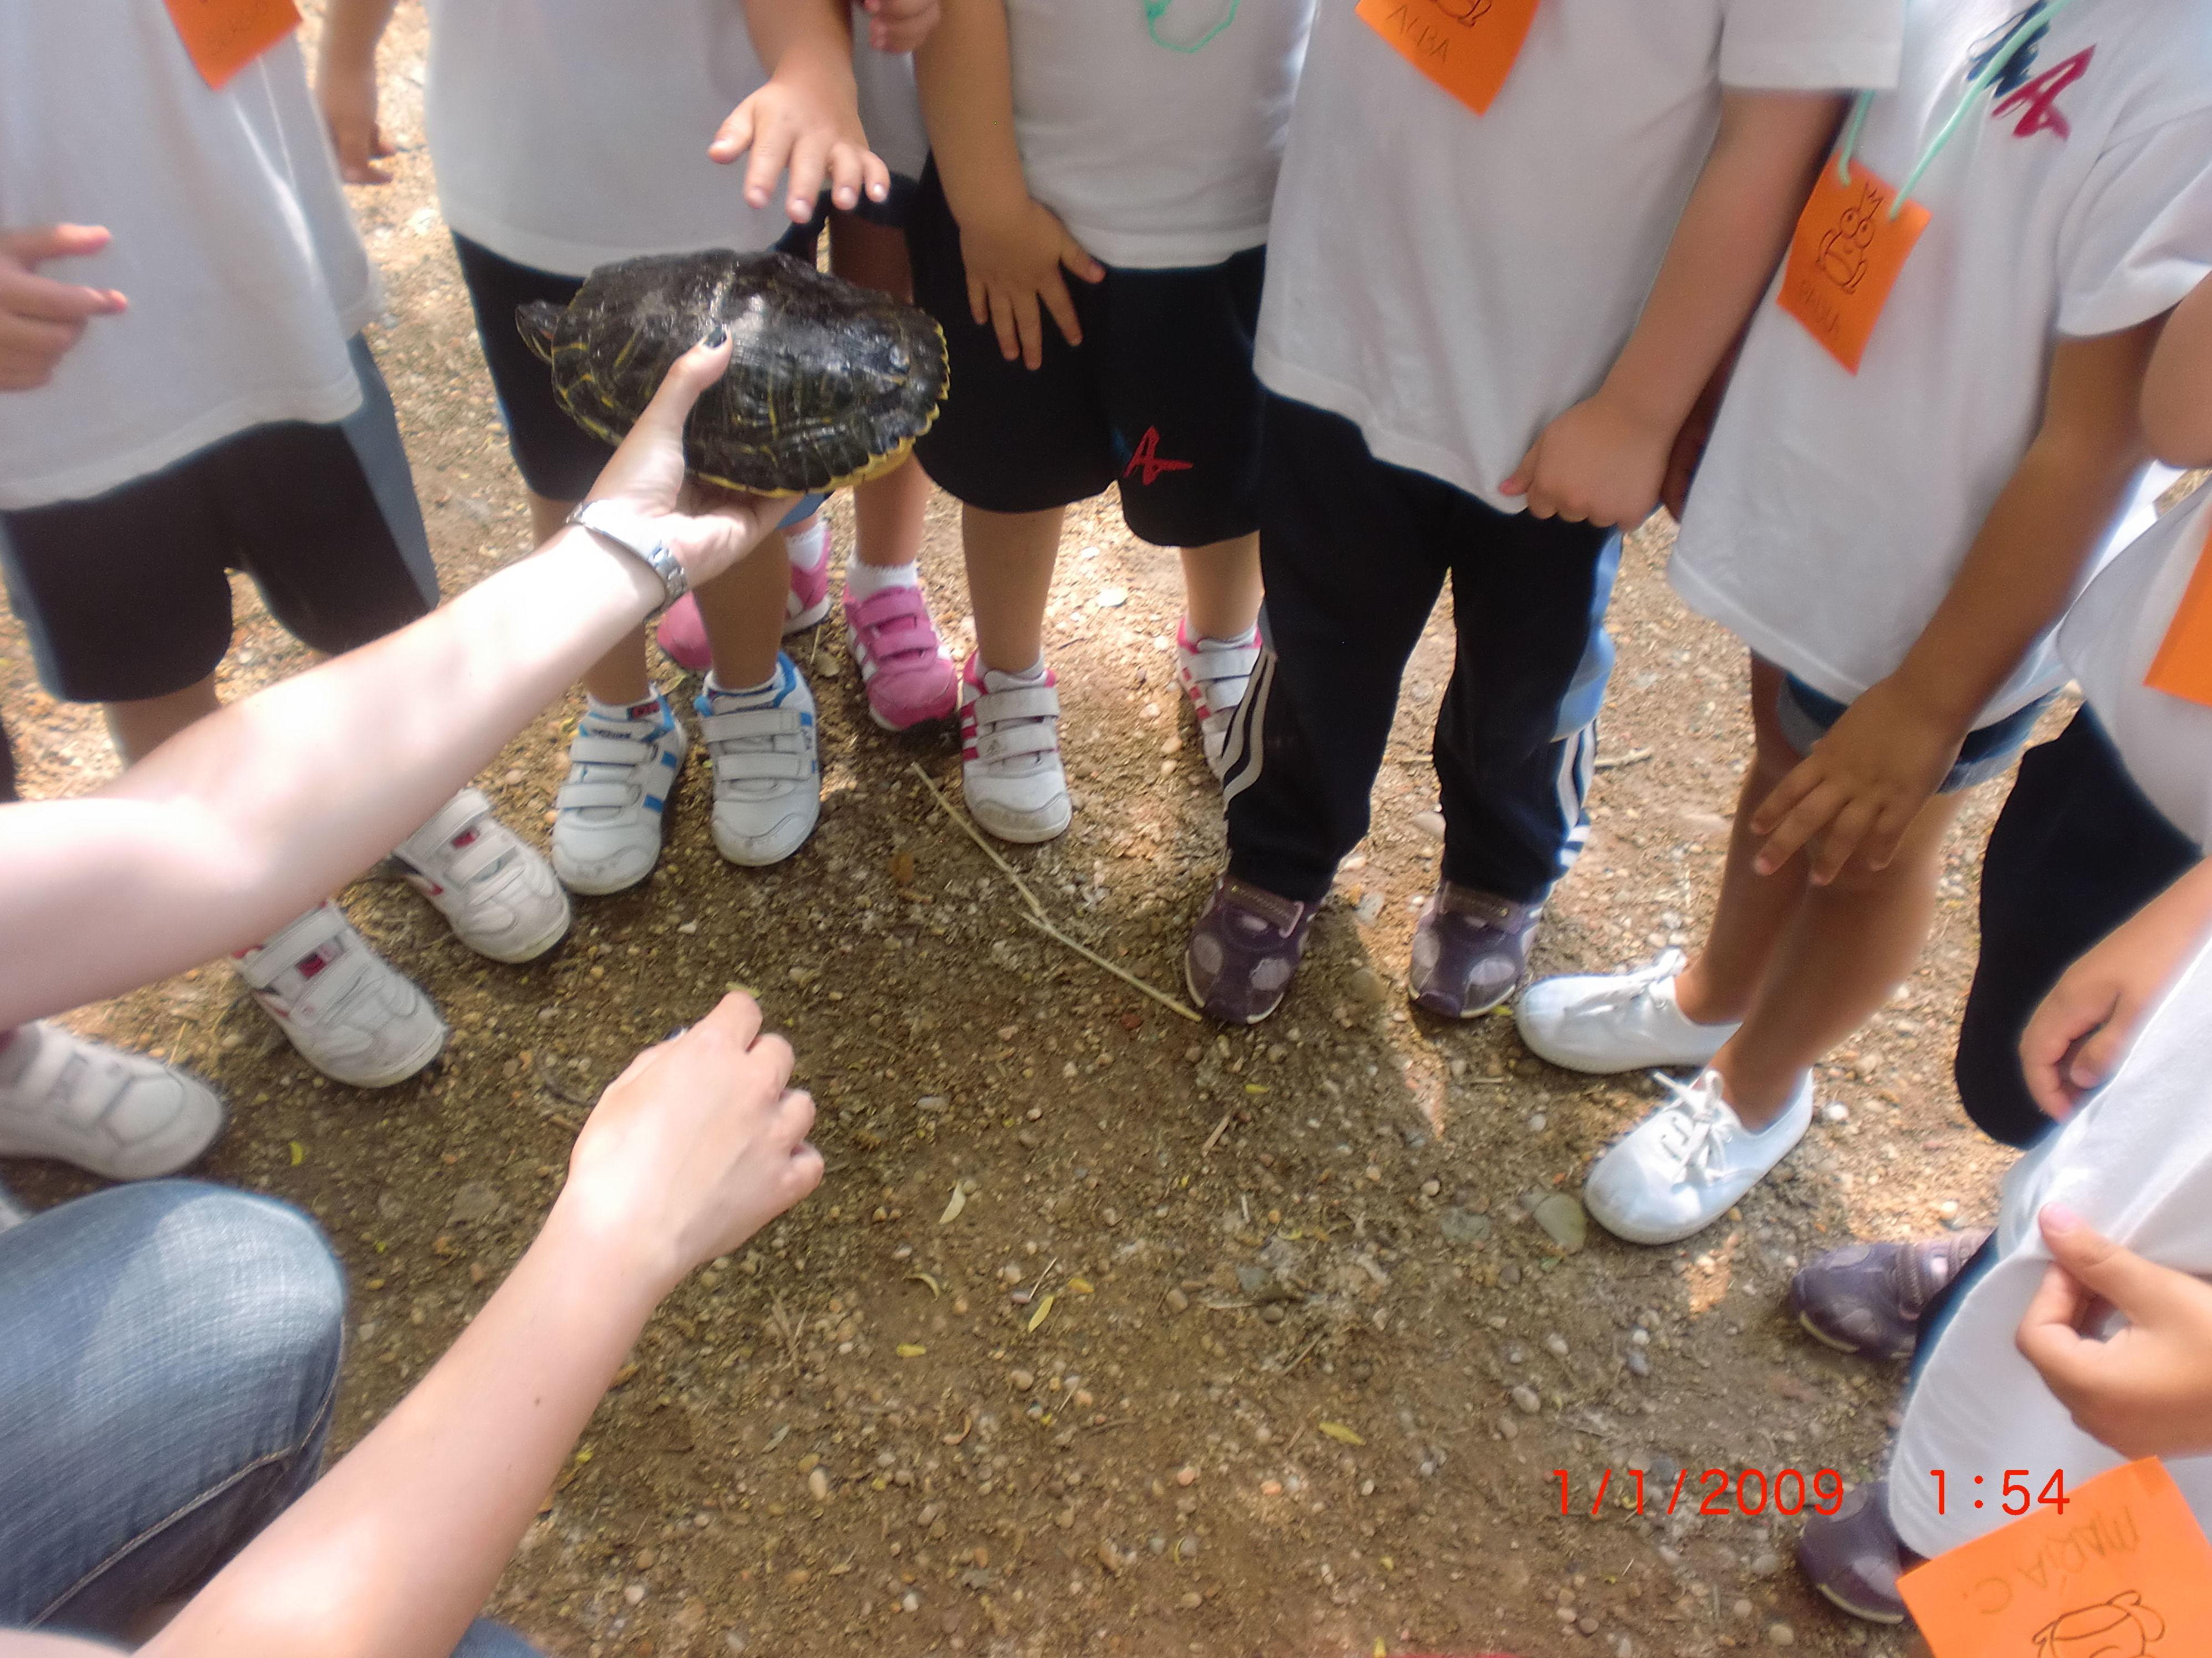 Foto 2 de Granja Escuela en Villaralbo | El Trillo Granja Escuela / Deluxe Jardinería